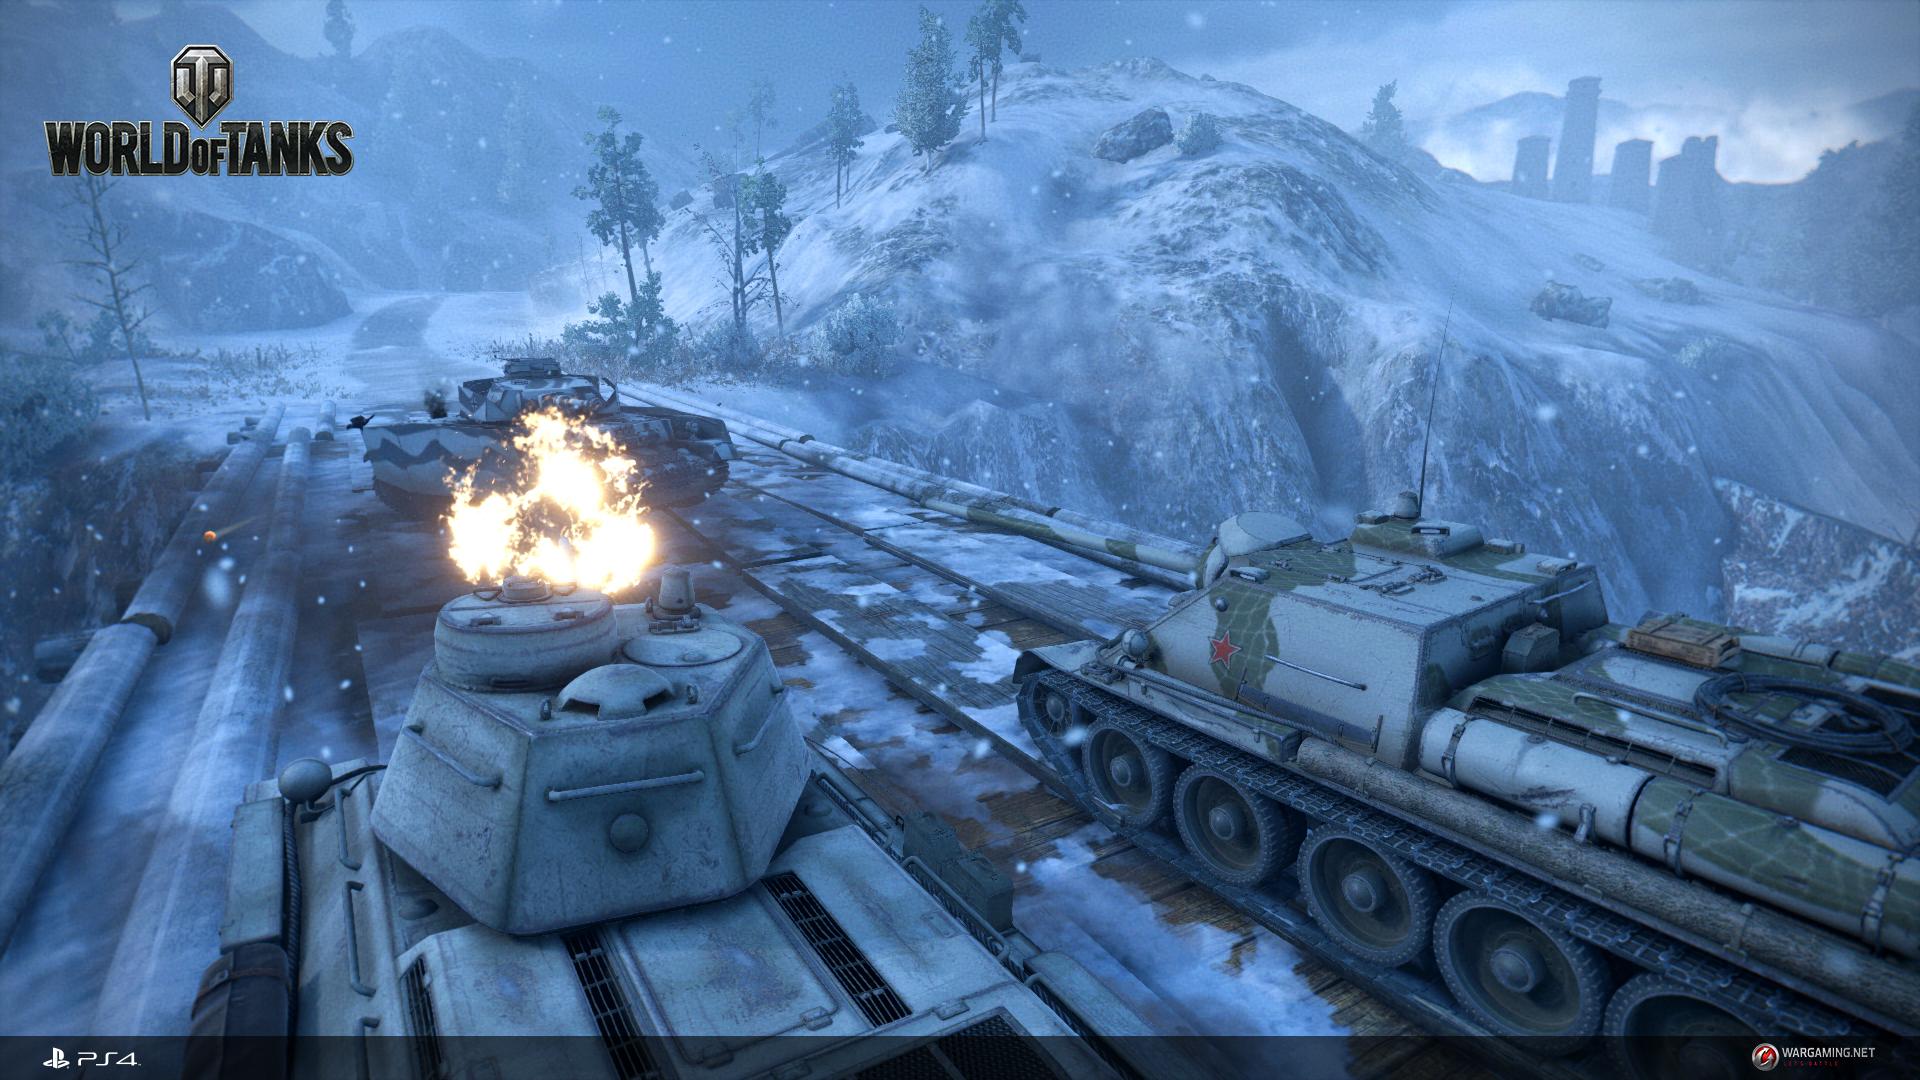 World of Tanks: Keine Chance für Crossplay zur Xbox One